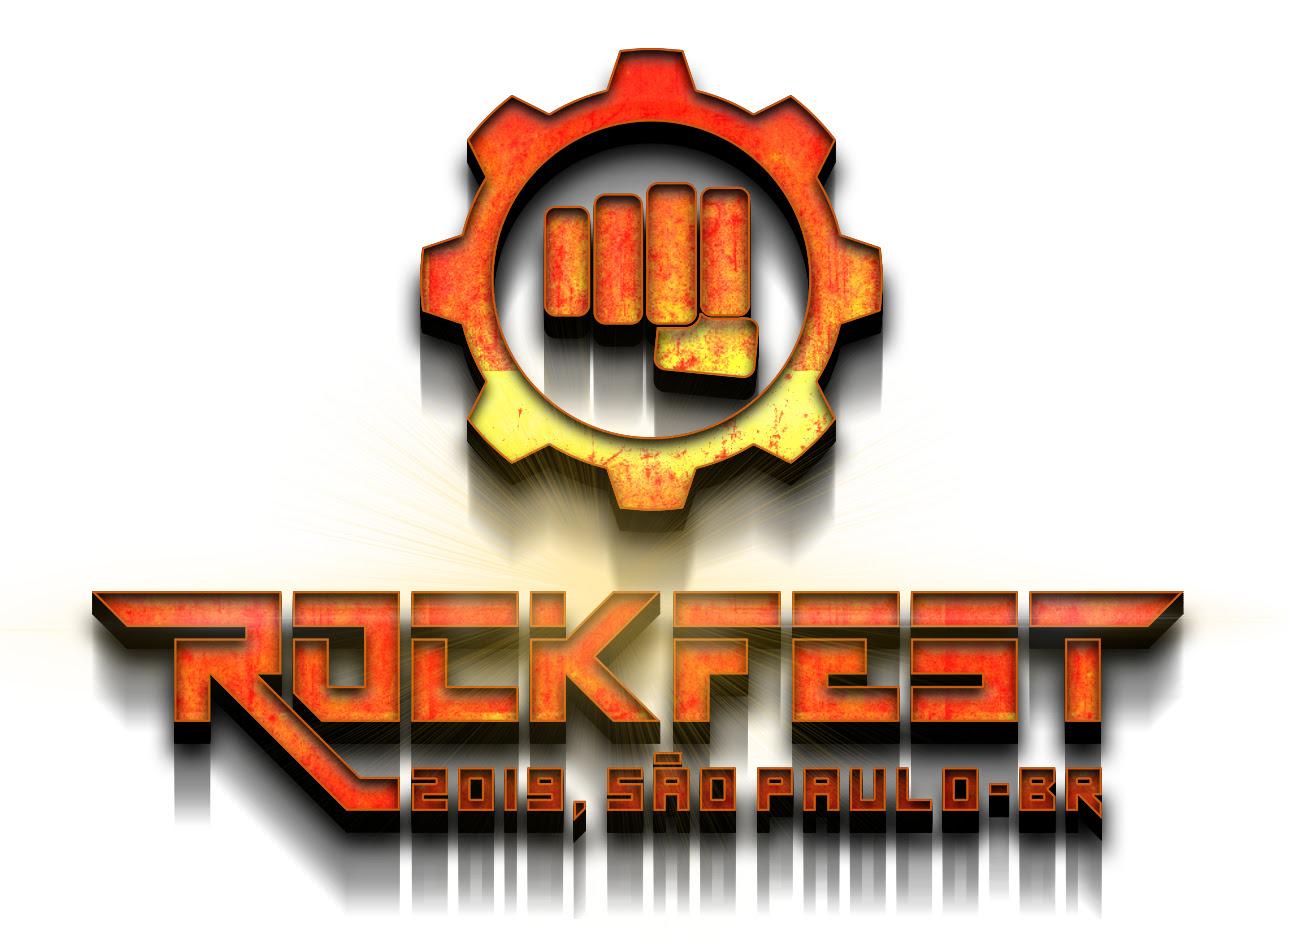 Tudo o que você precisa sobre o festival Rockfest, que acontece em São Paulo